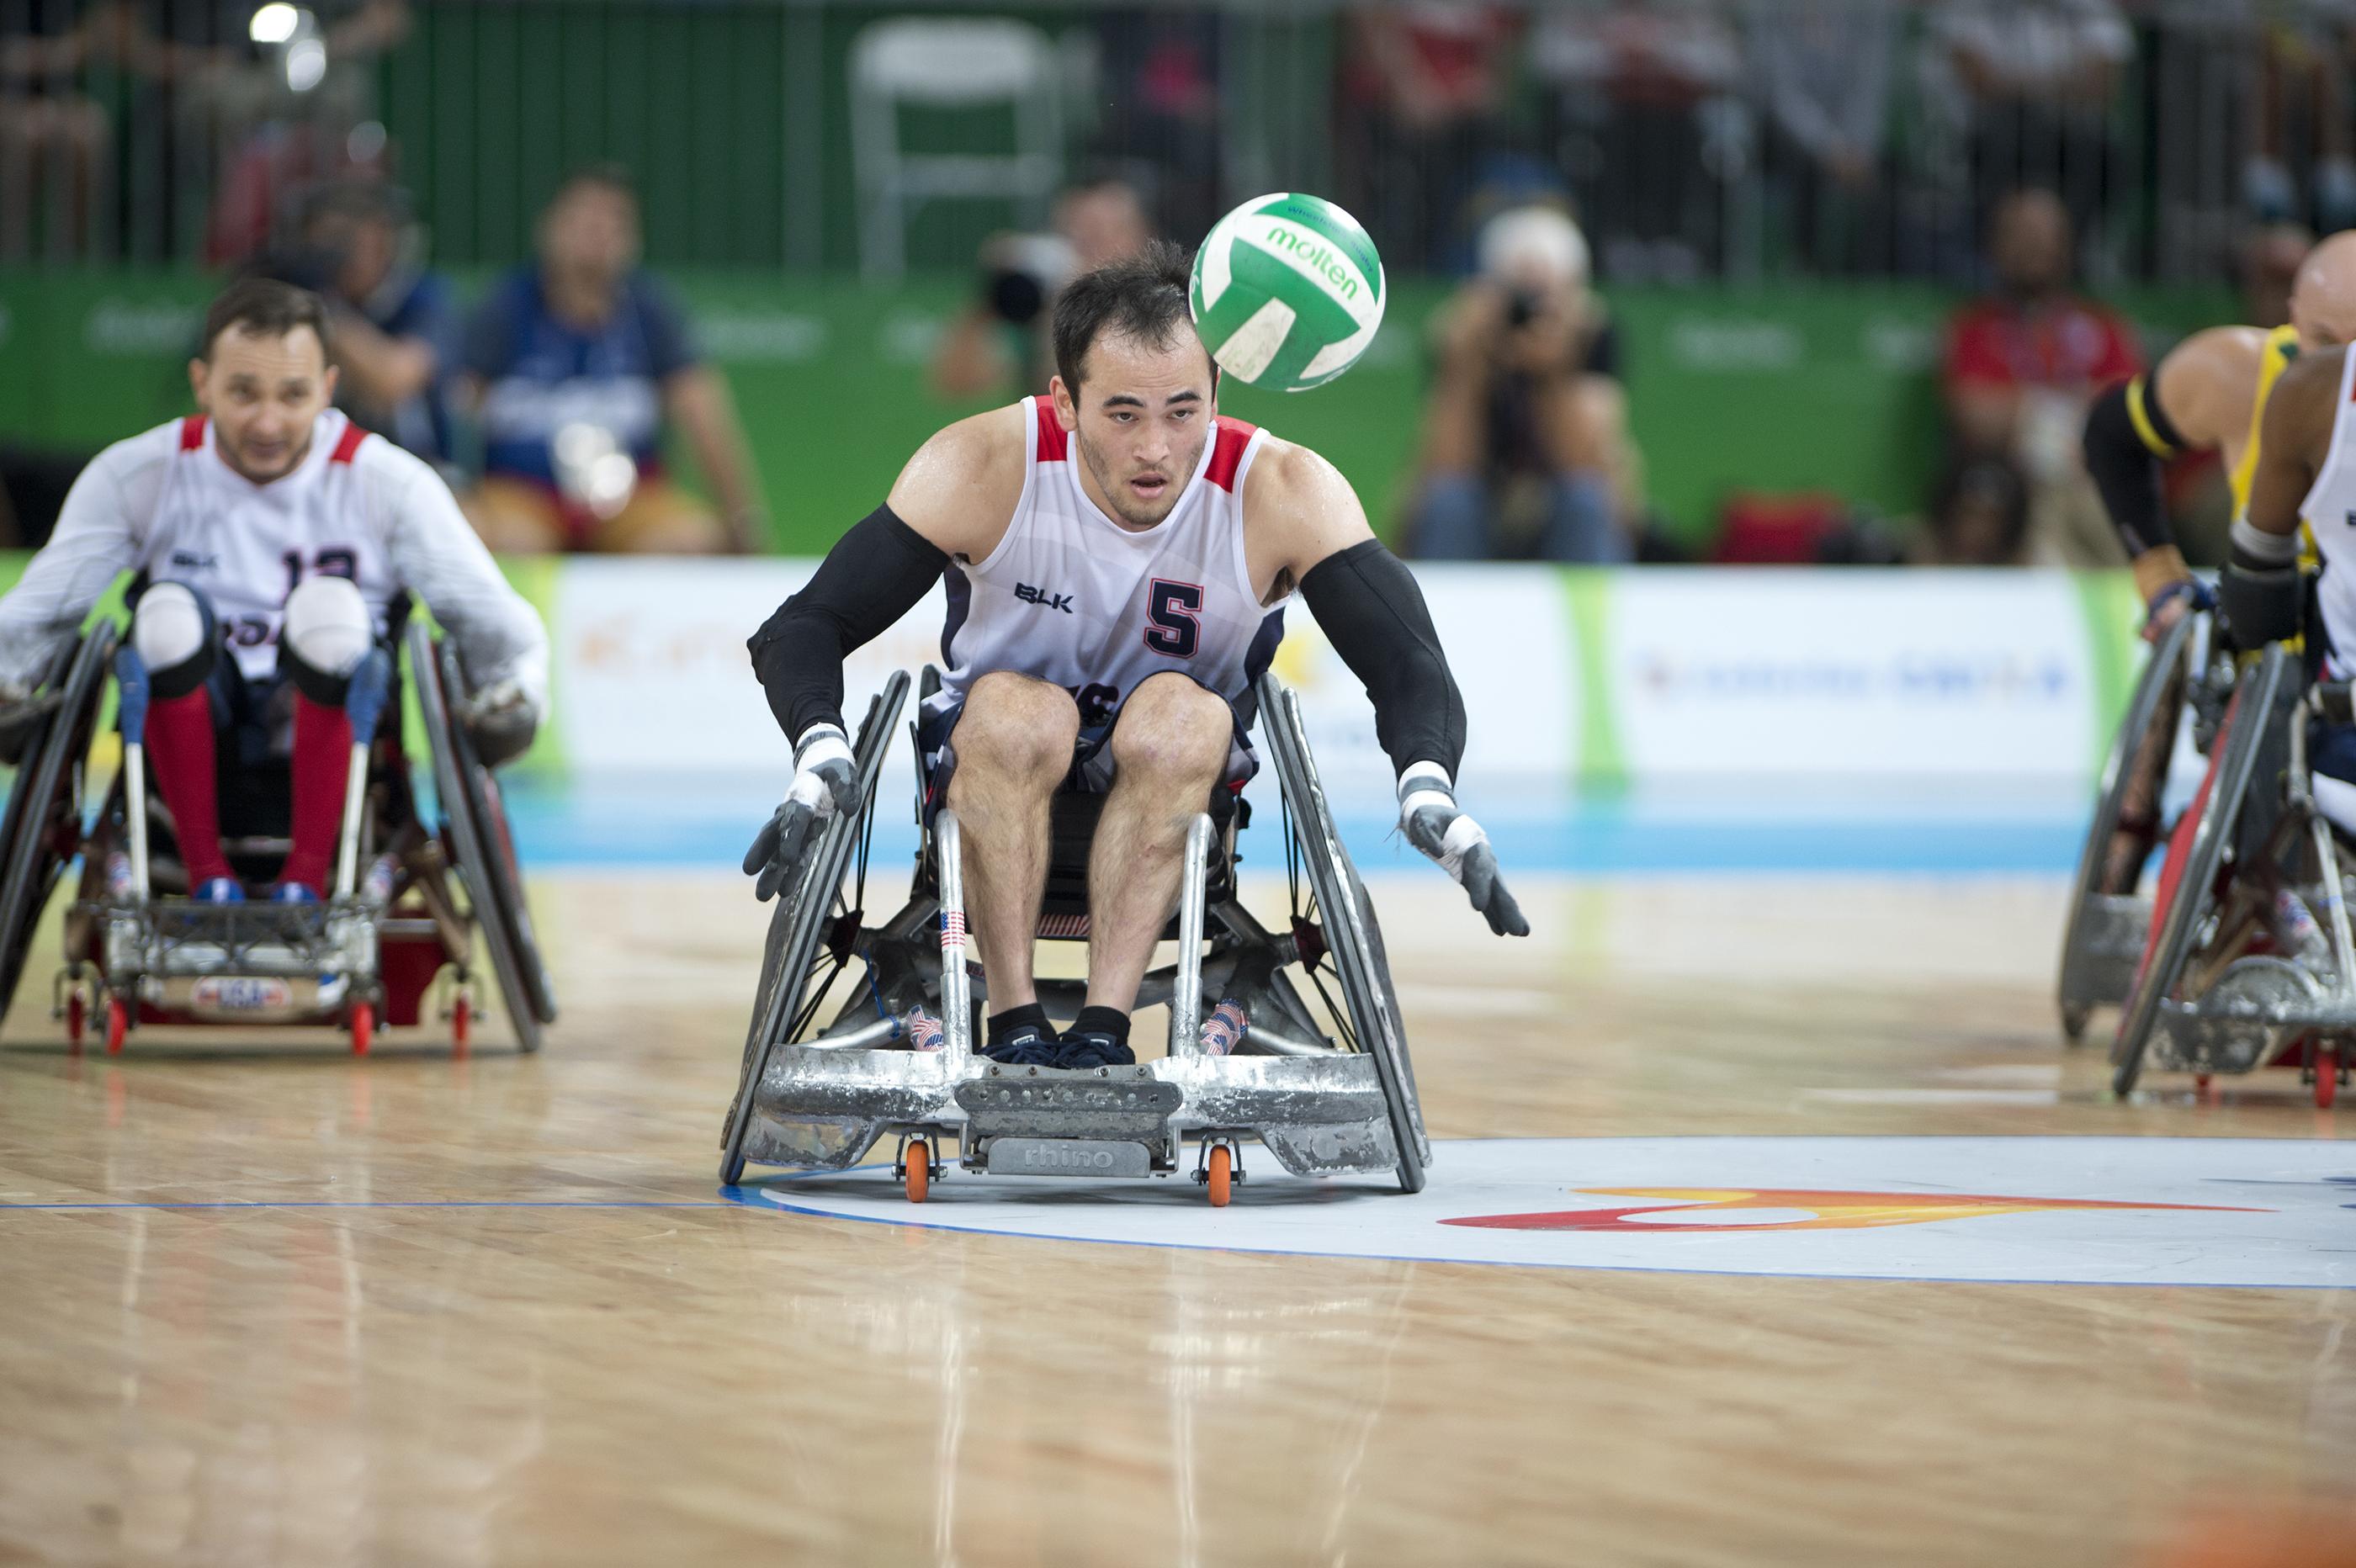 Chuck Aoki, USA, during gold medal game, Wheelchair Rugby, Sept. 18, 2016, Rio 2016 Paralympics, Rio de Janeiro.